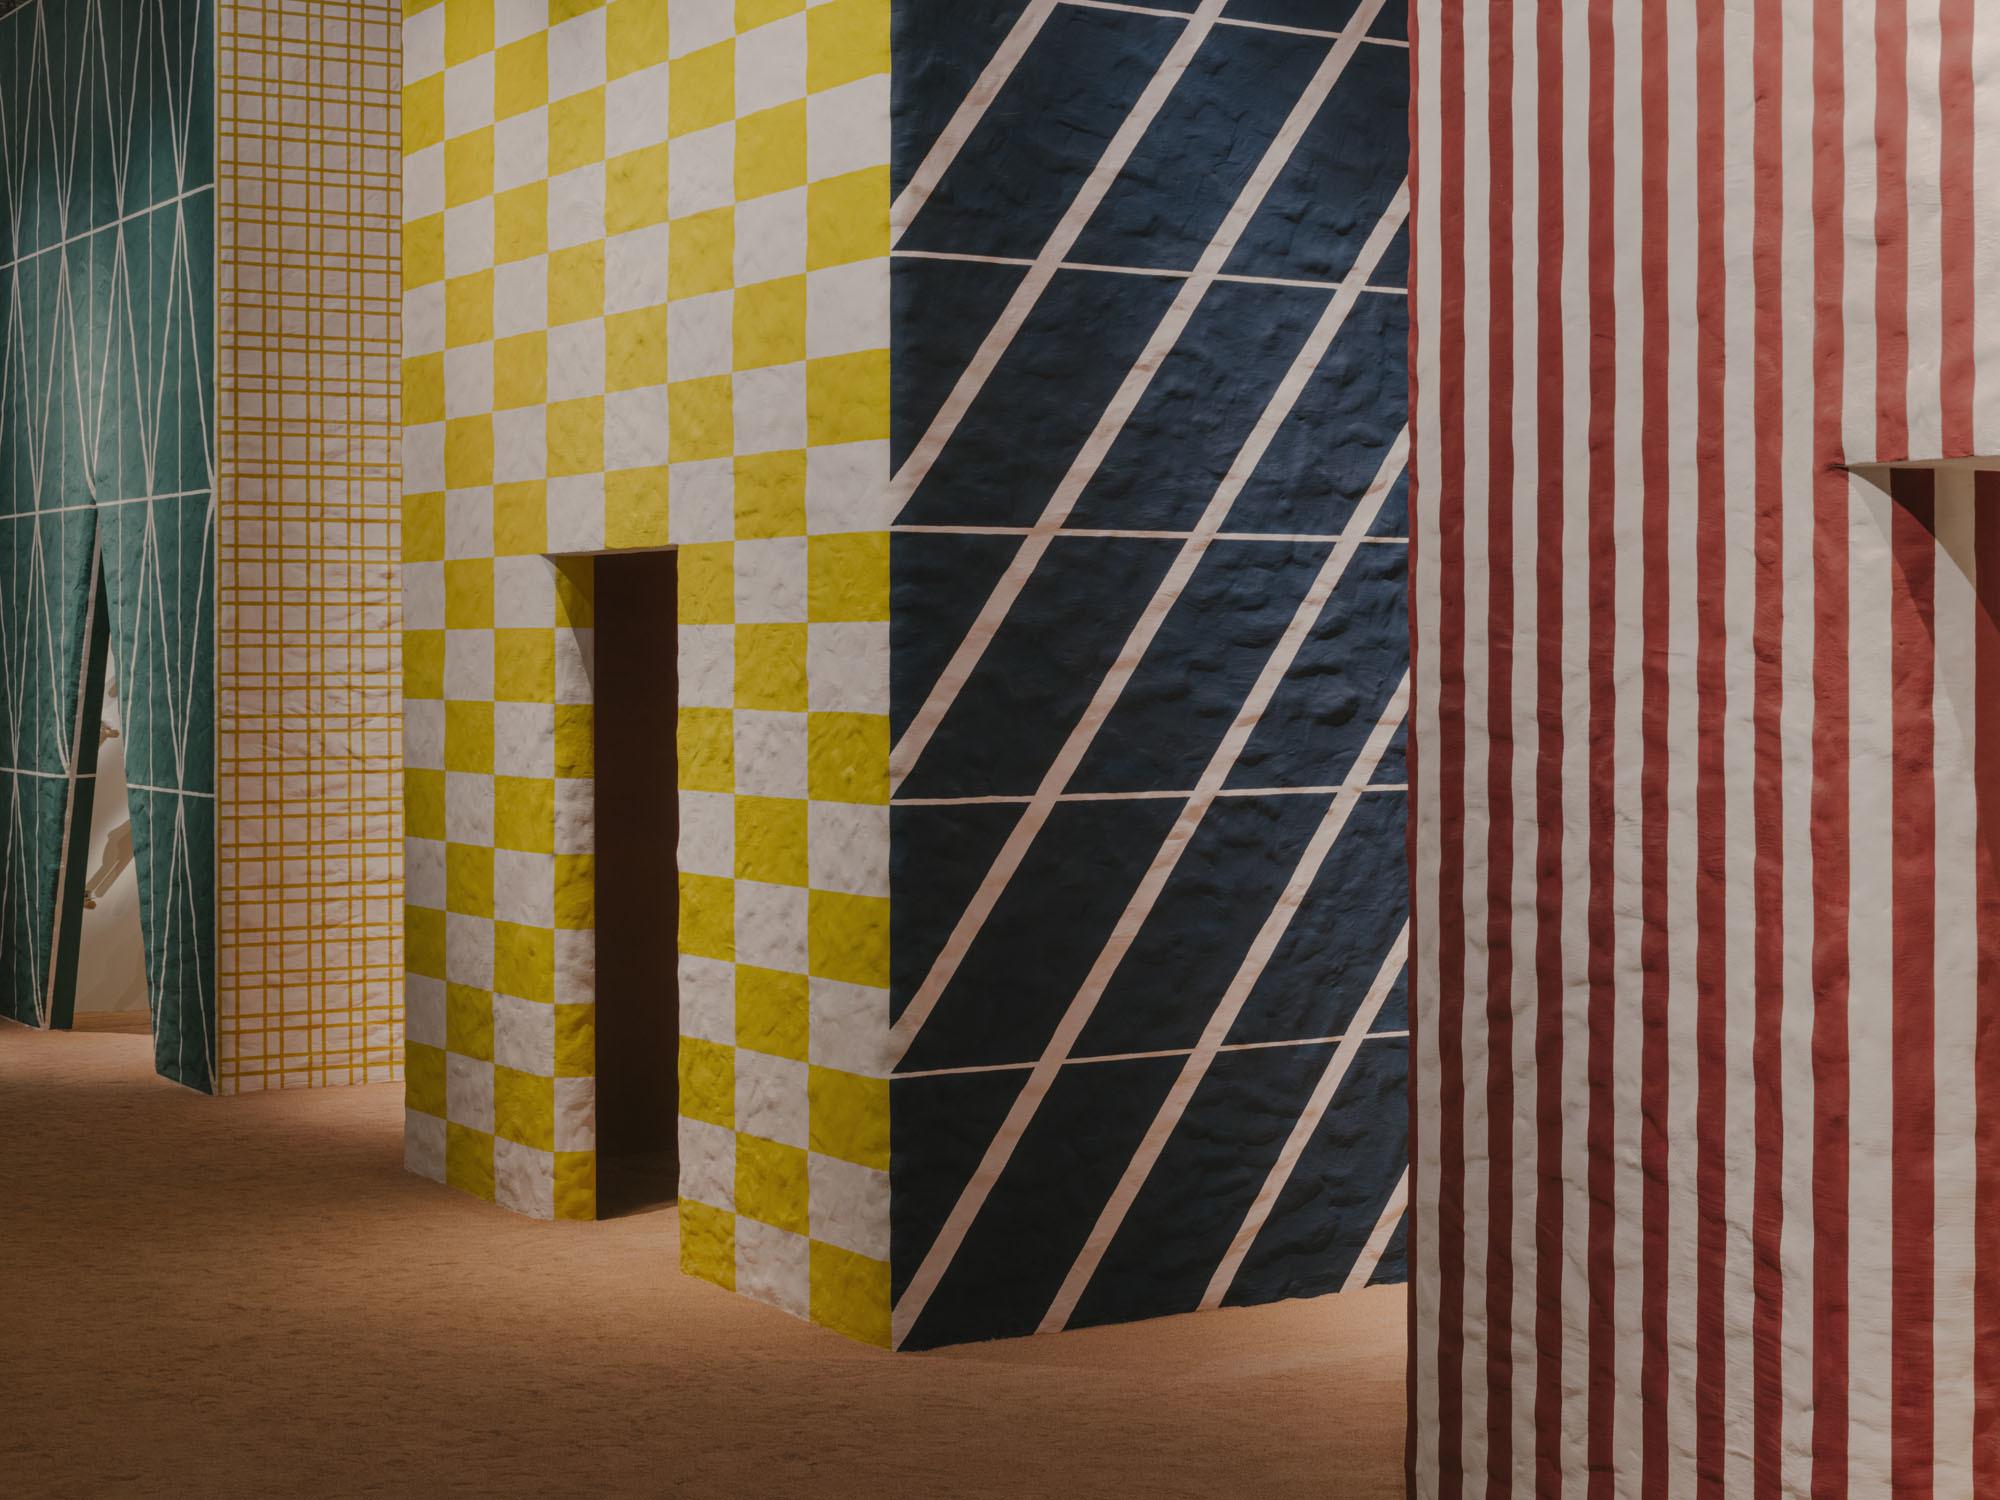 Präsentation von Hermès Maison in der Sporthalle La Pelota in der Via Palermo. Foto: Maxime Verret/Hermès Maison